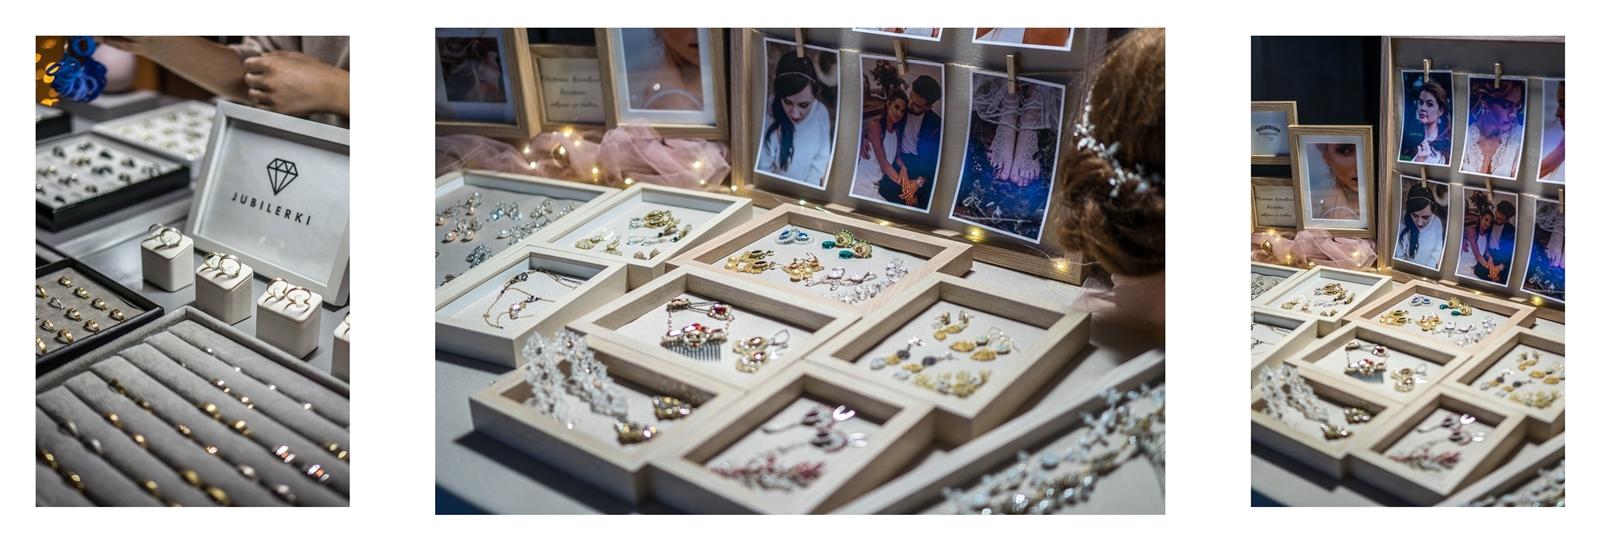 15 OFF WEDDING - Alternatywne Targi ślubne papeteria. biżuteria ślubna, dodatki ślubne, boho dekoracje , kwiaty na ślub i wesele, warszawa, łódź, romantczne, naturalne, jubilerki łódź opinie